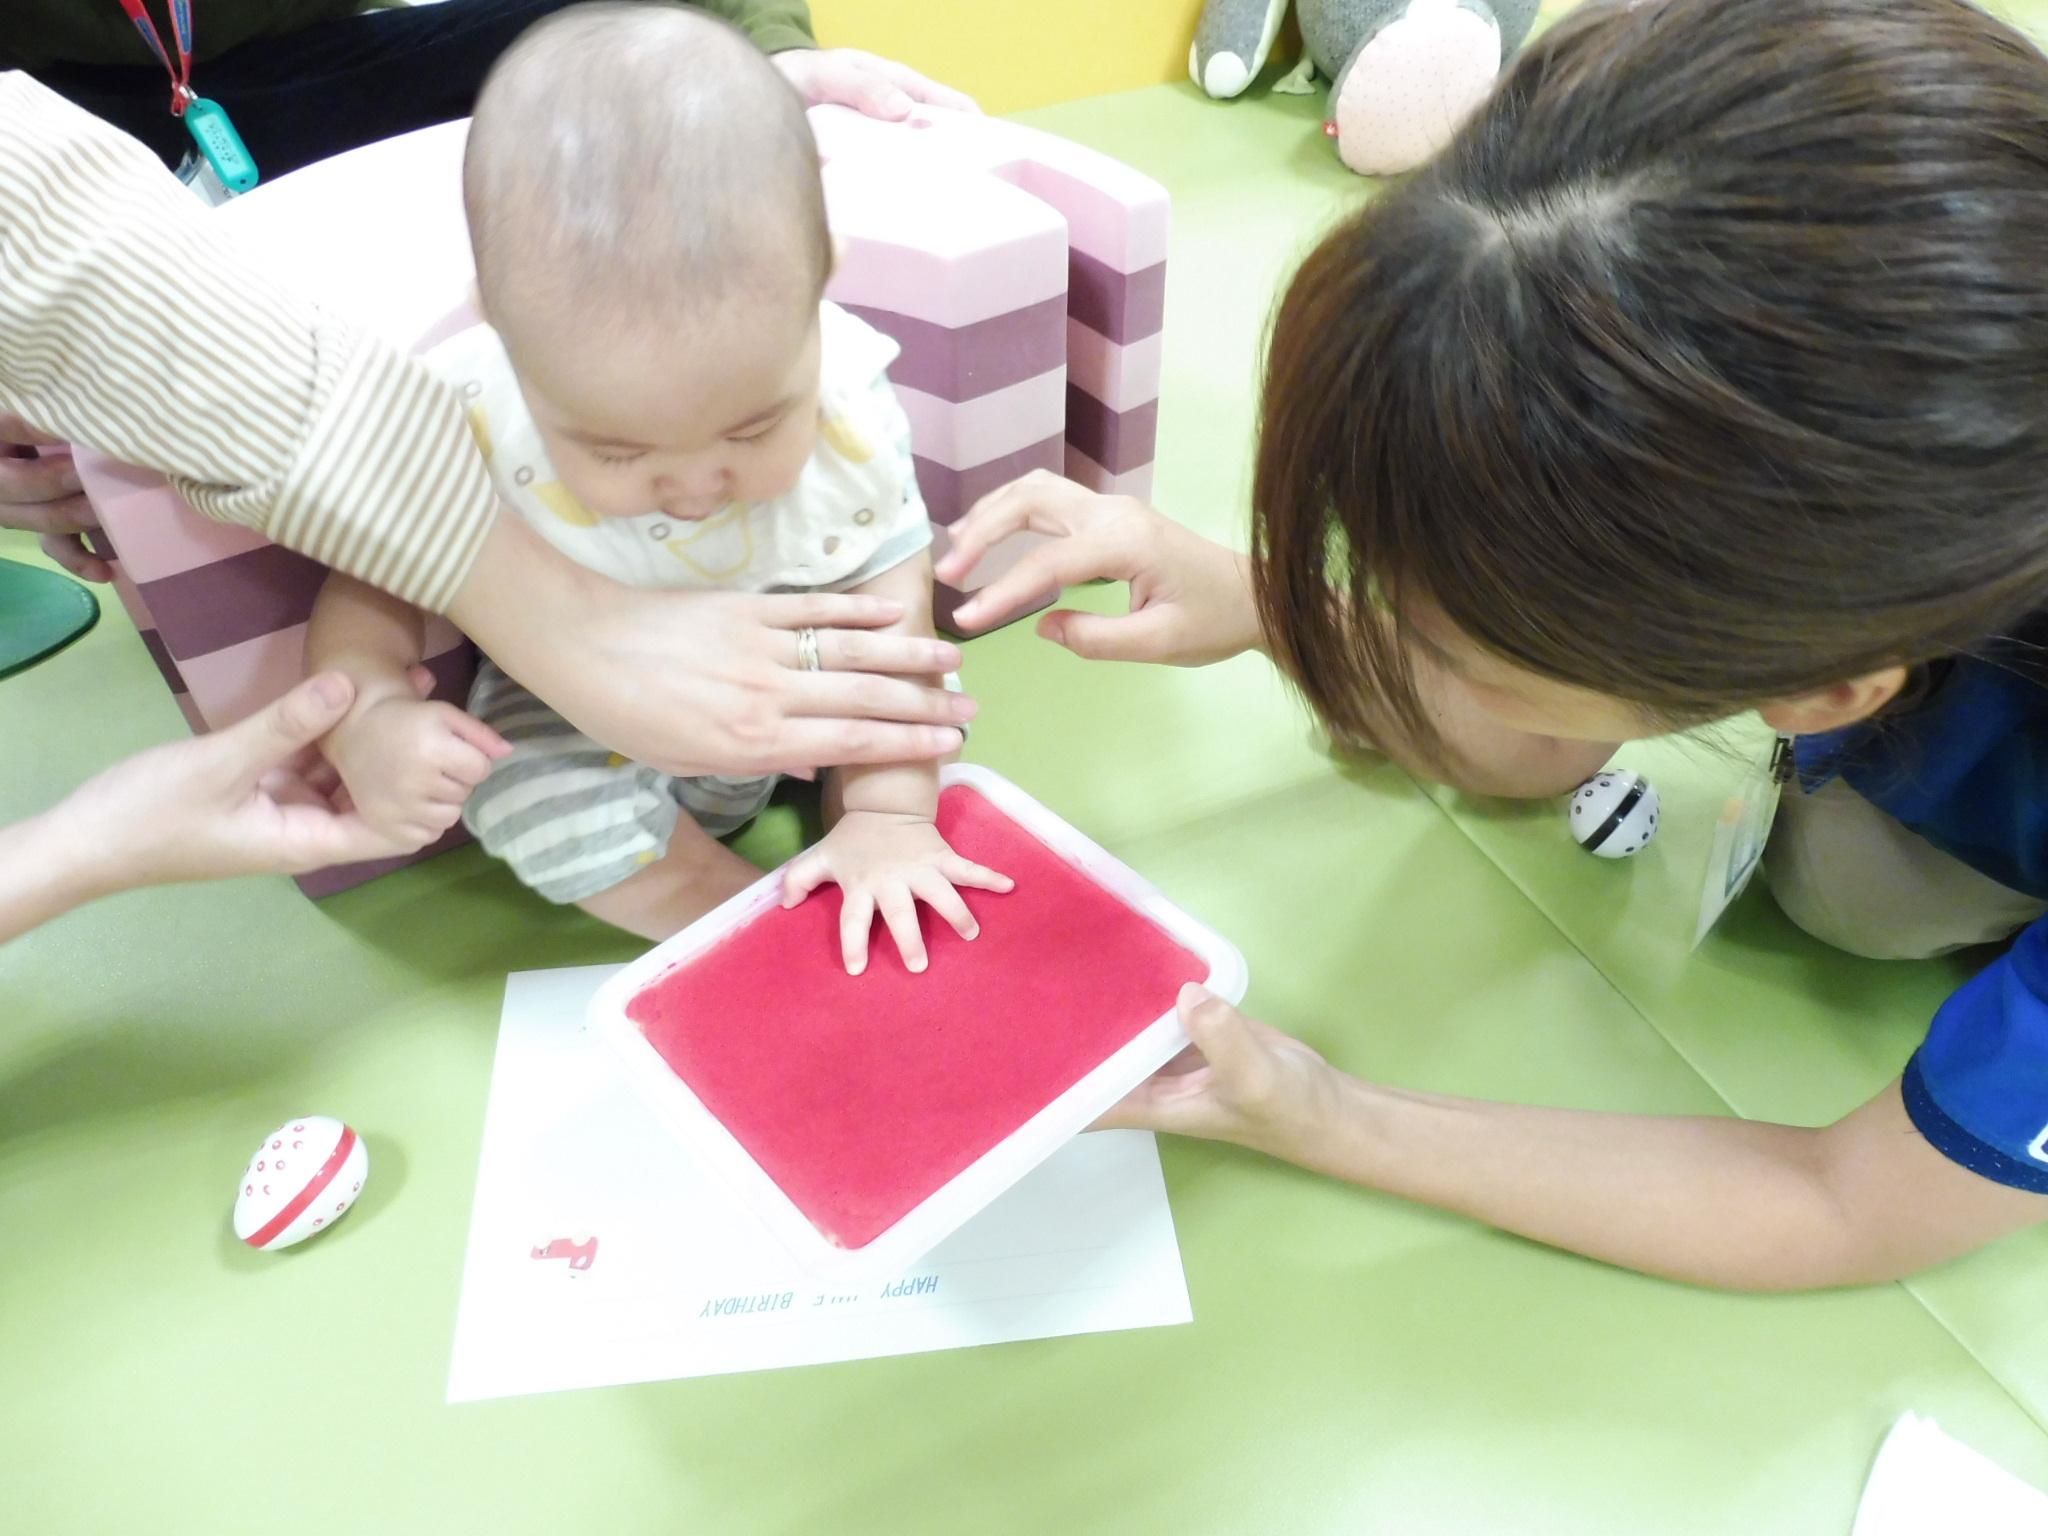 9月25日・27日の赤ちゃんの日の様子